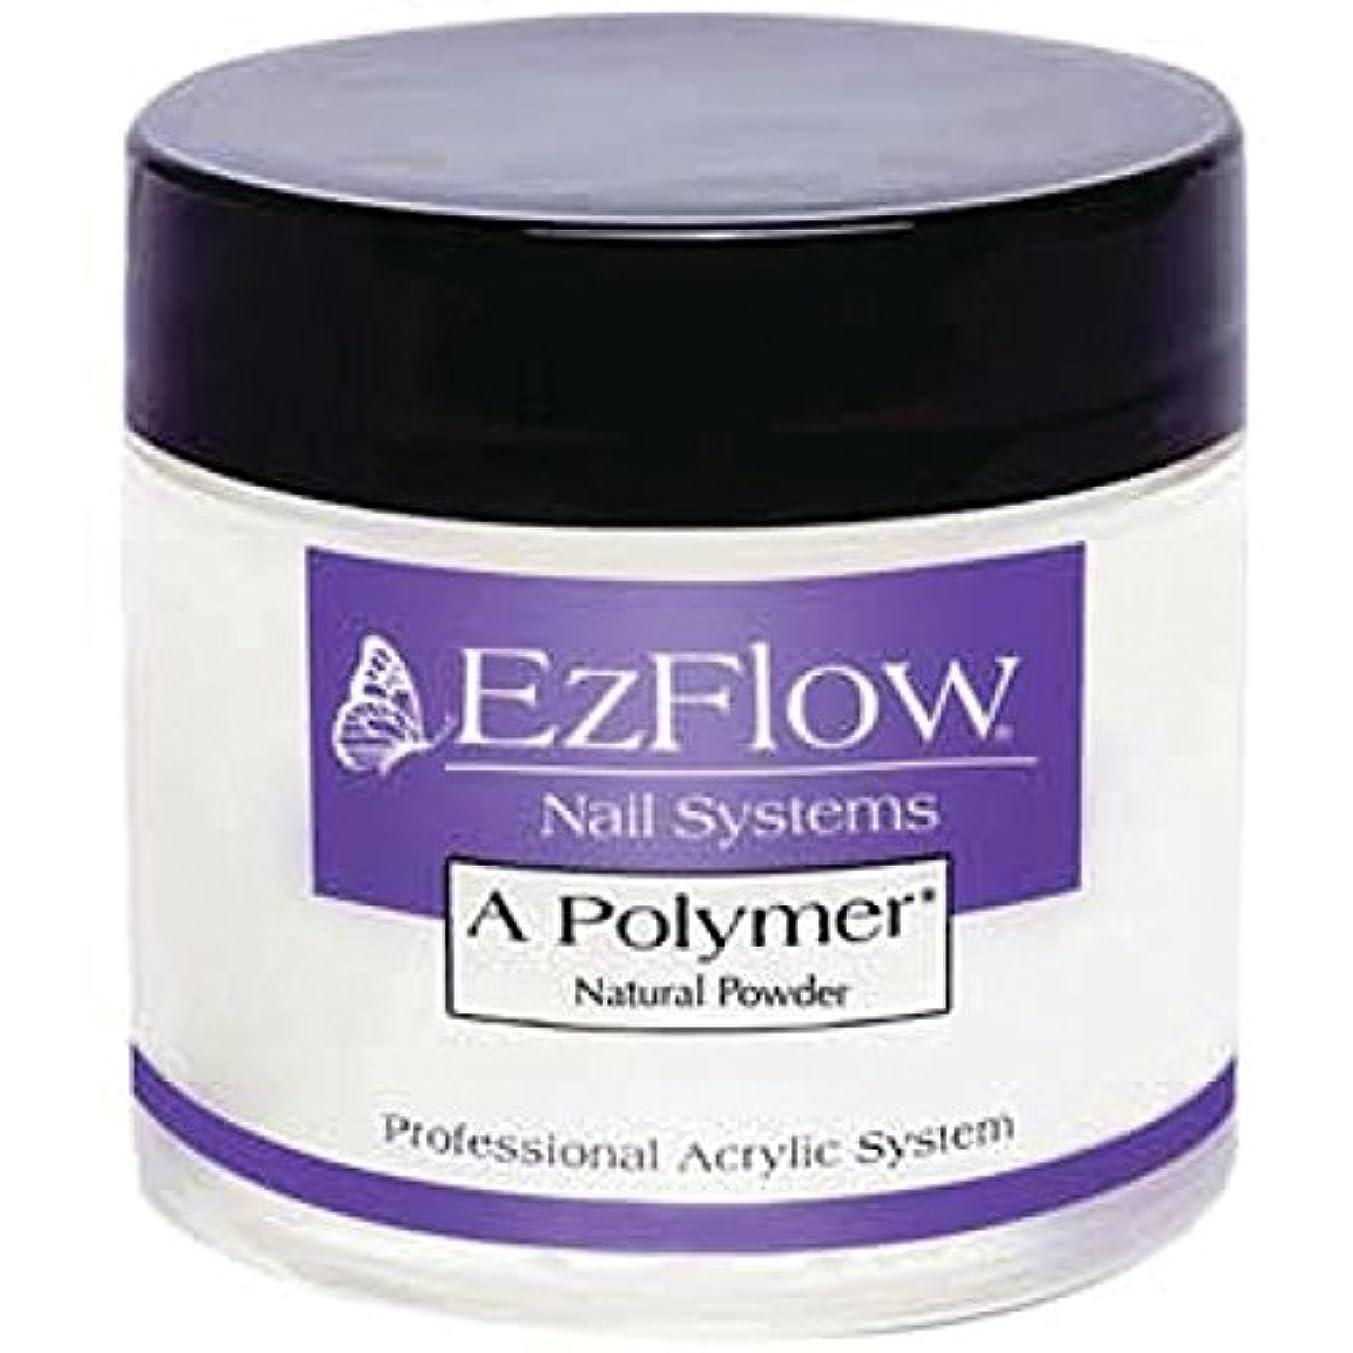 無意識ニコチン防止[EzFlow] Aポリマーナチュラルパウダー 8oz